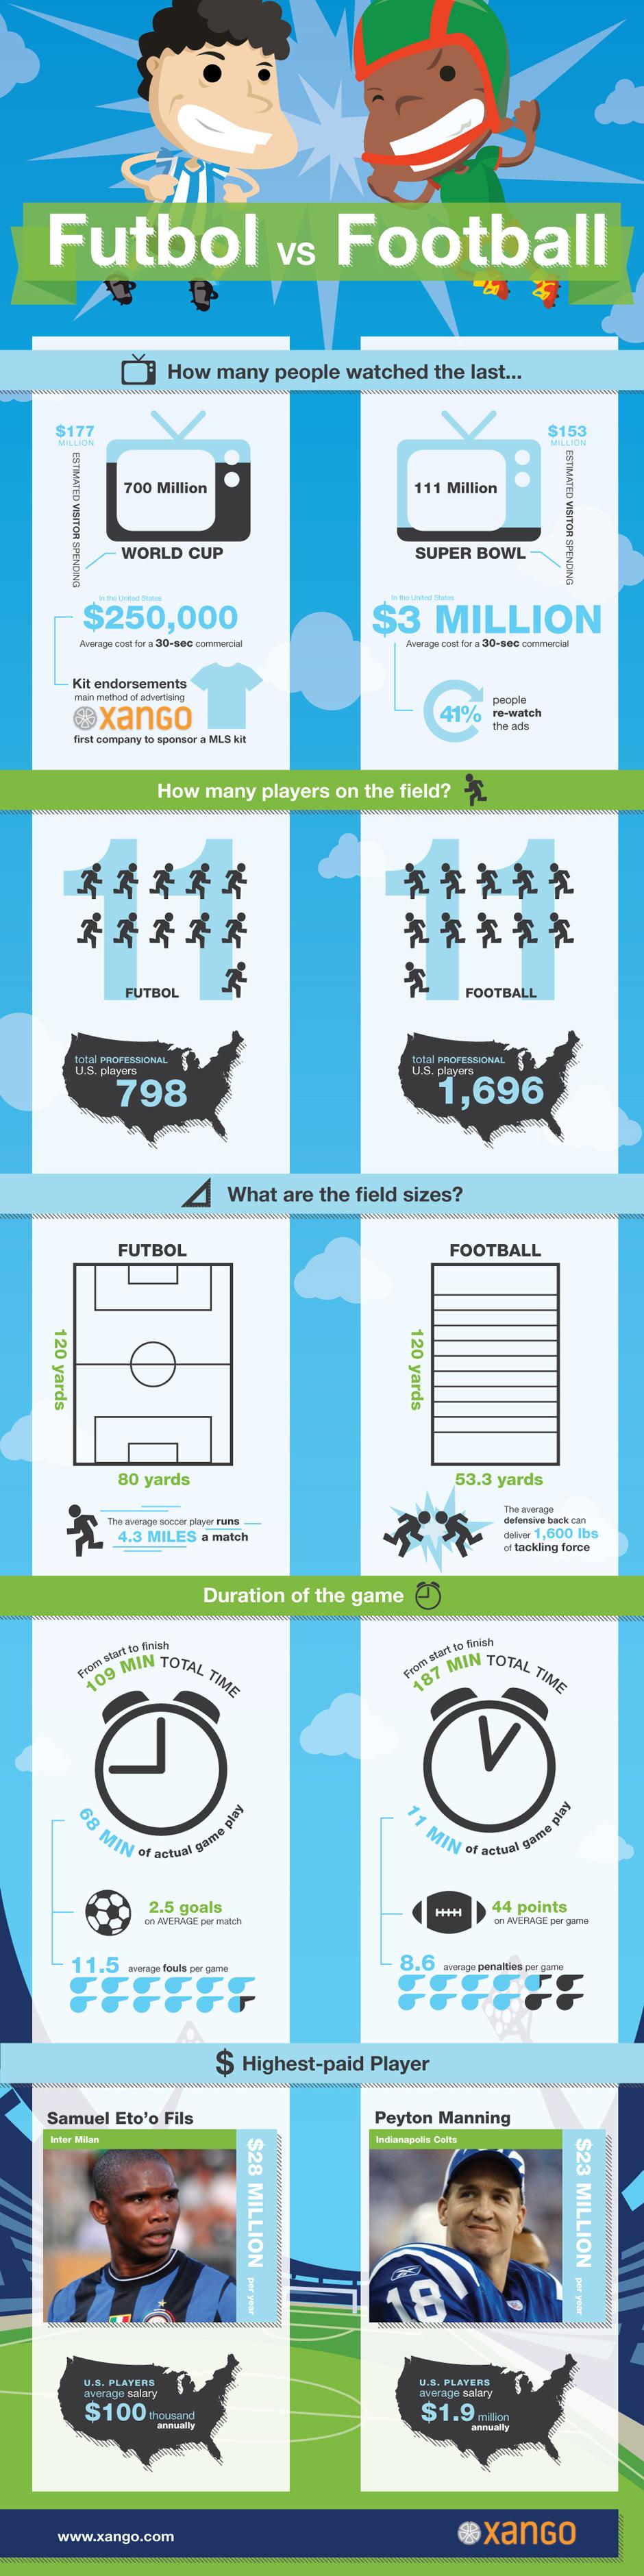 xango_soccer_infographic